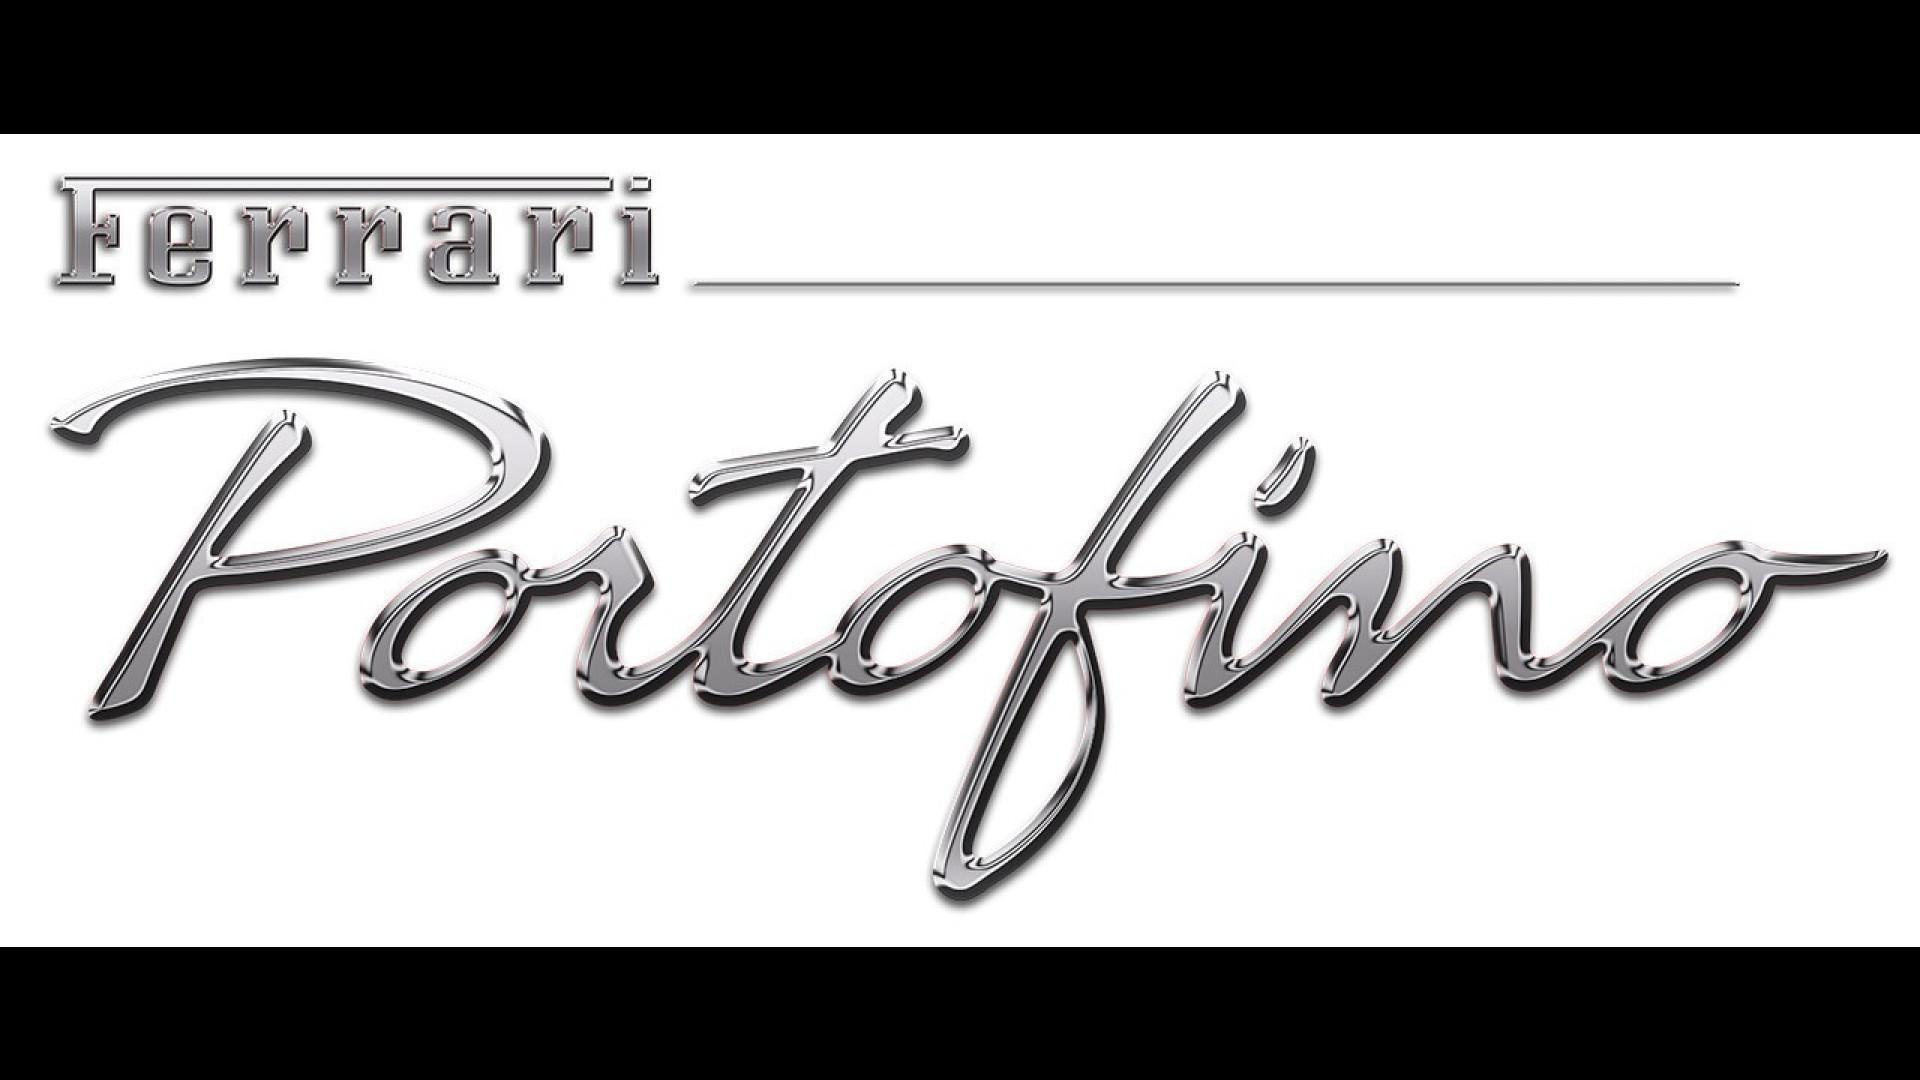 Aston Martin DB11 Volante vs Ferrari Portofino: The numbers